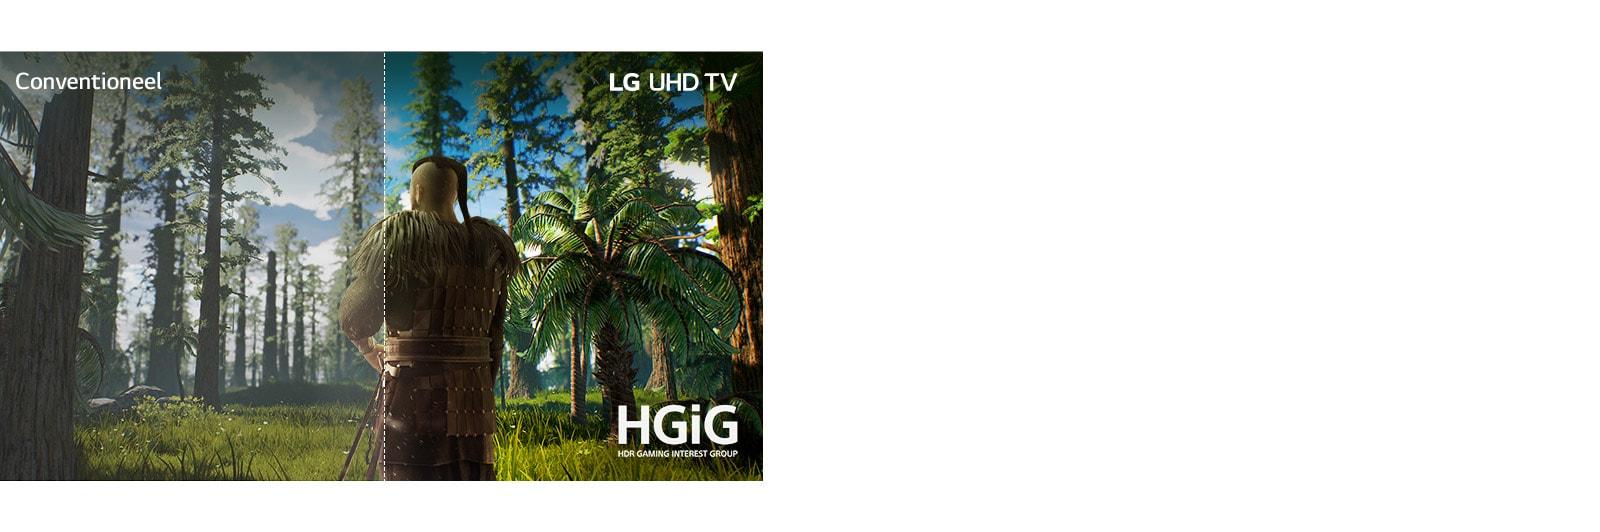 Tv-scherm met een spelscène met de man die in het midden van een bos staat. De helft wordt op een conventioneel scherm getoond met een slechte beeldkwaliteit. De andere helft wordt weergegeven op het LG UHD TV-scherm met een heldere, levendige beeldkwaliteit.